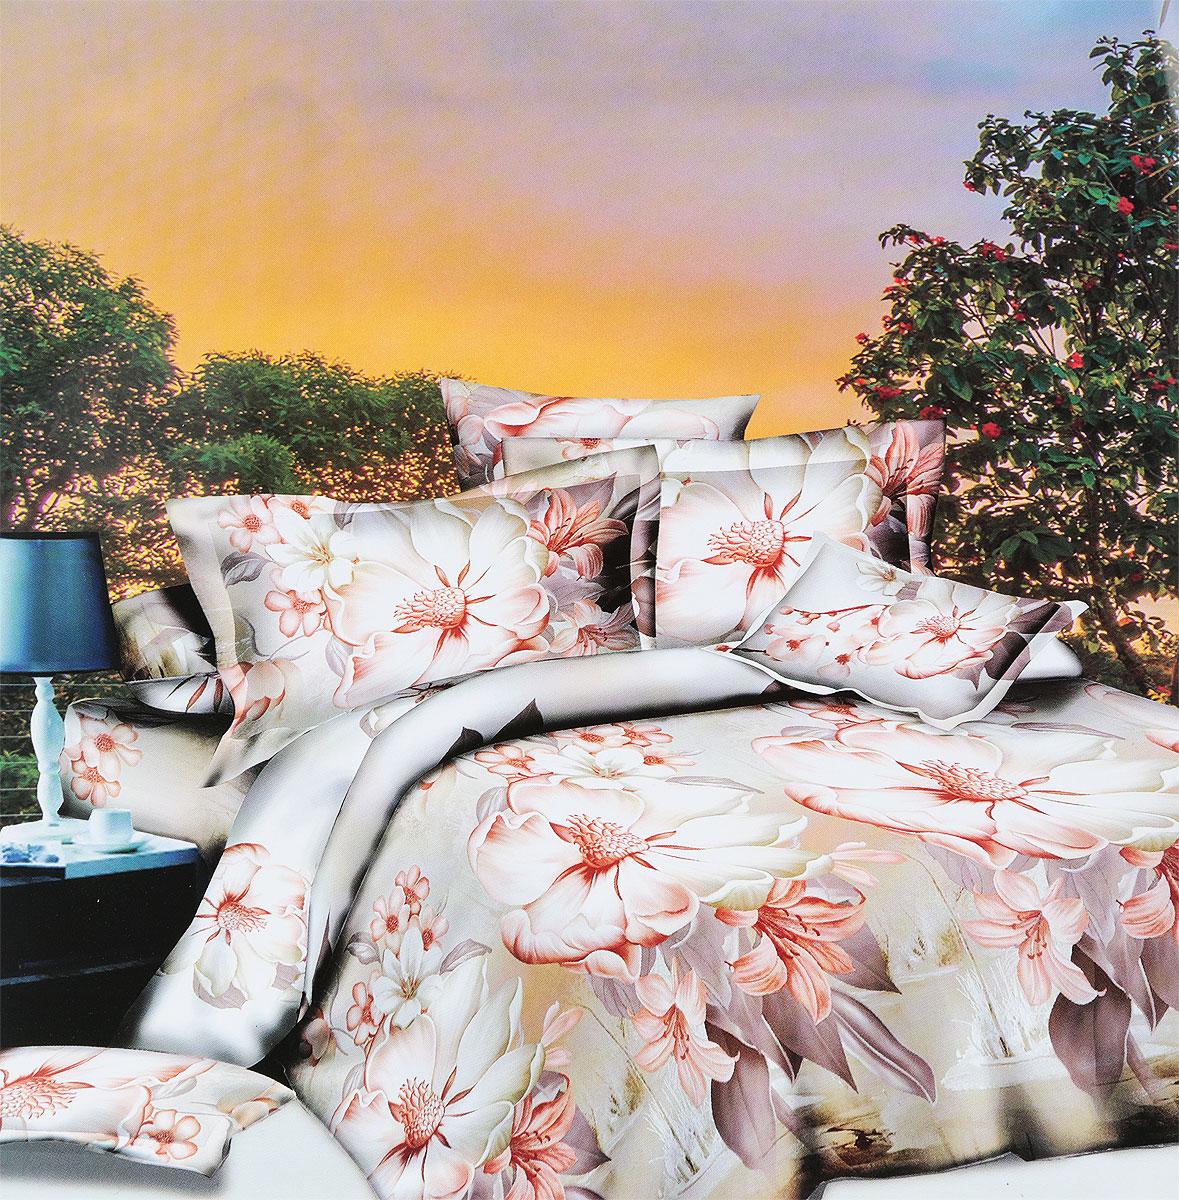 Комплект белья МарТекс Каус, 2-спальный, наволочки 70х70 комплект белья в киеве круглосуточно